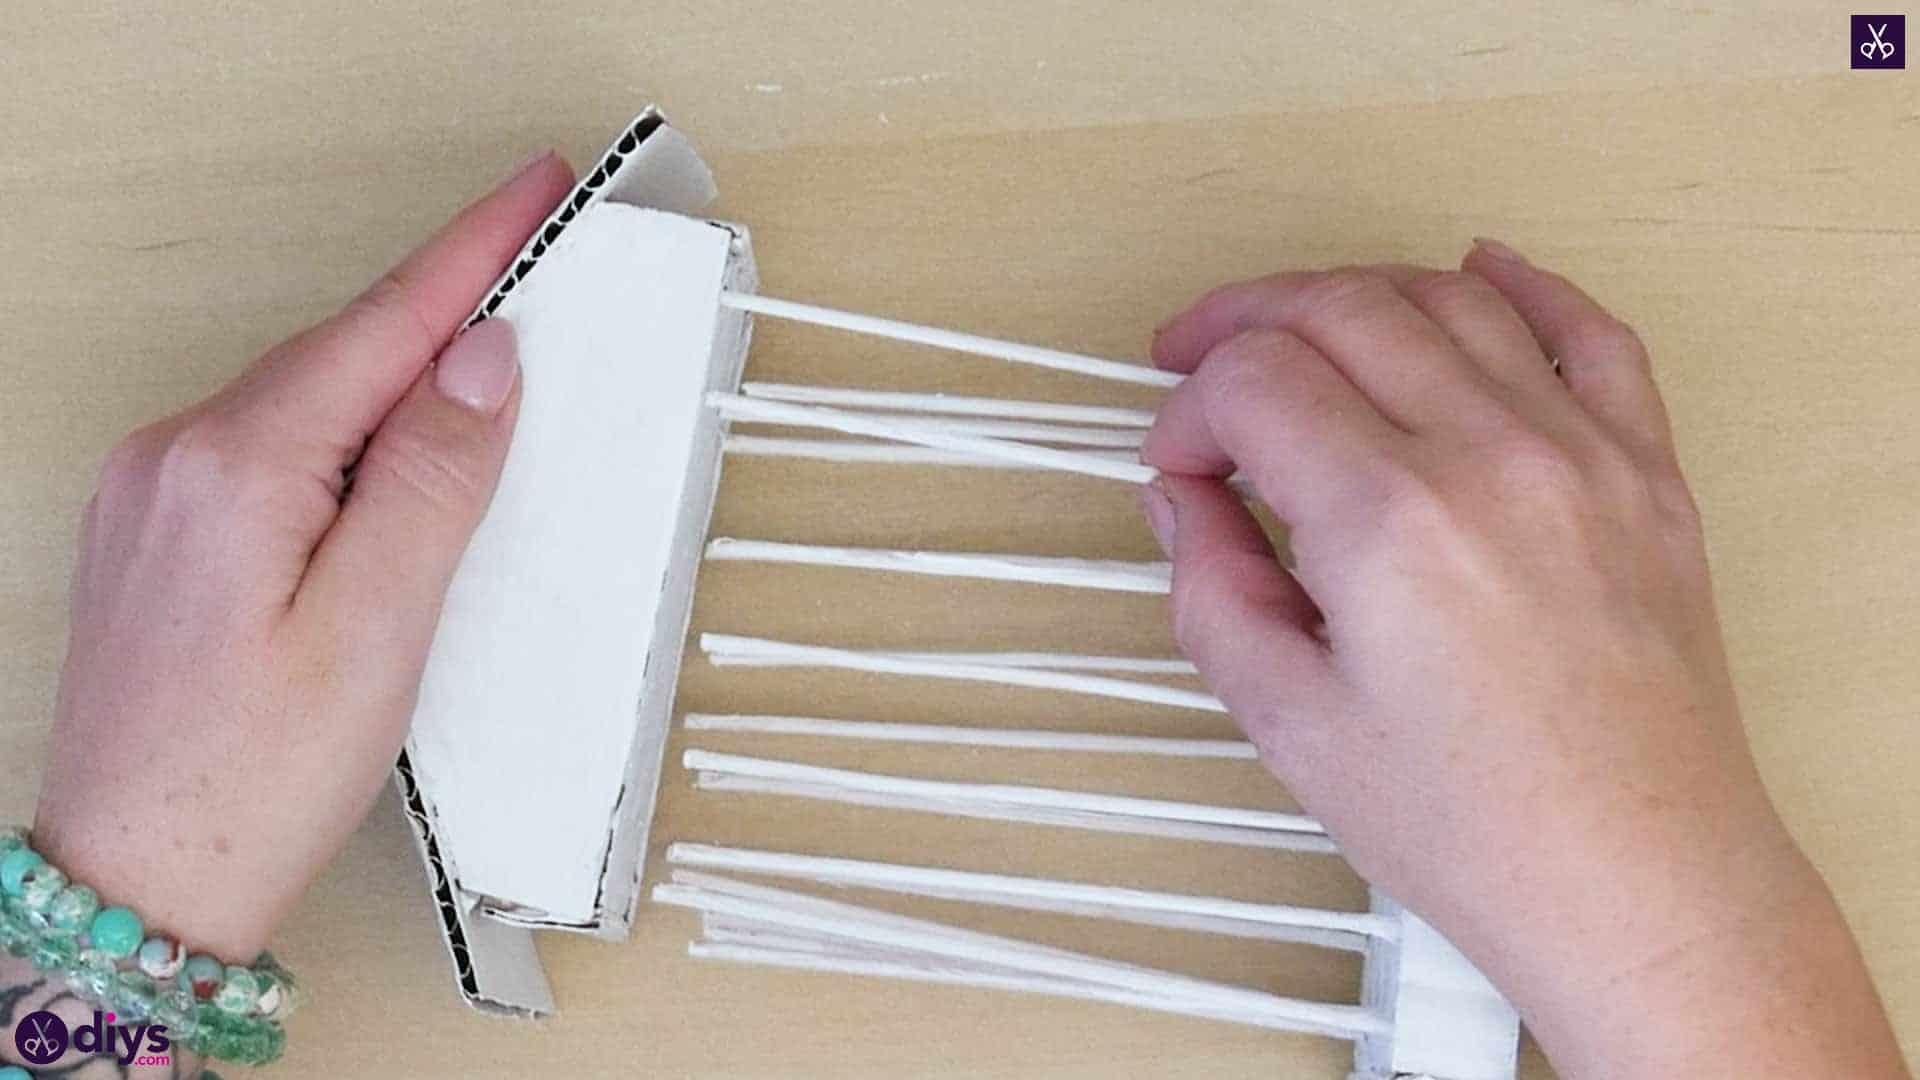 Diy miniature cage centerpiece step 9